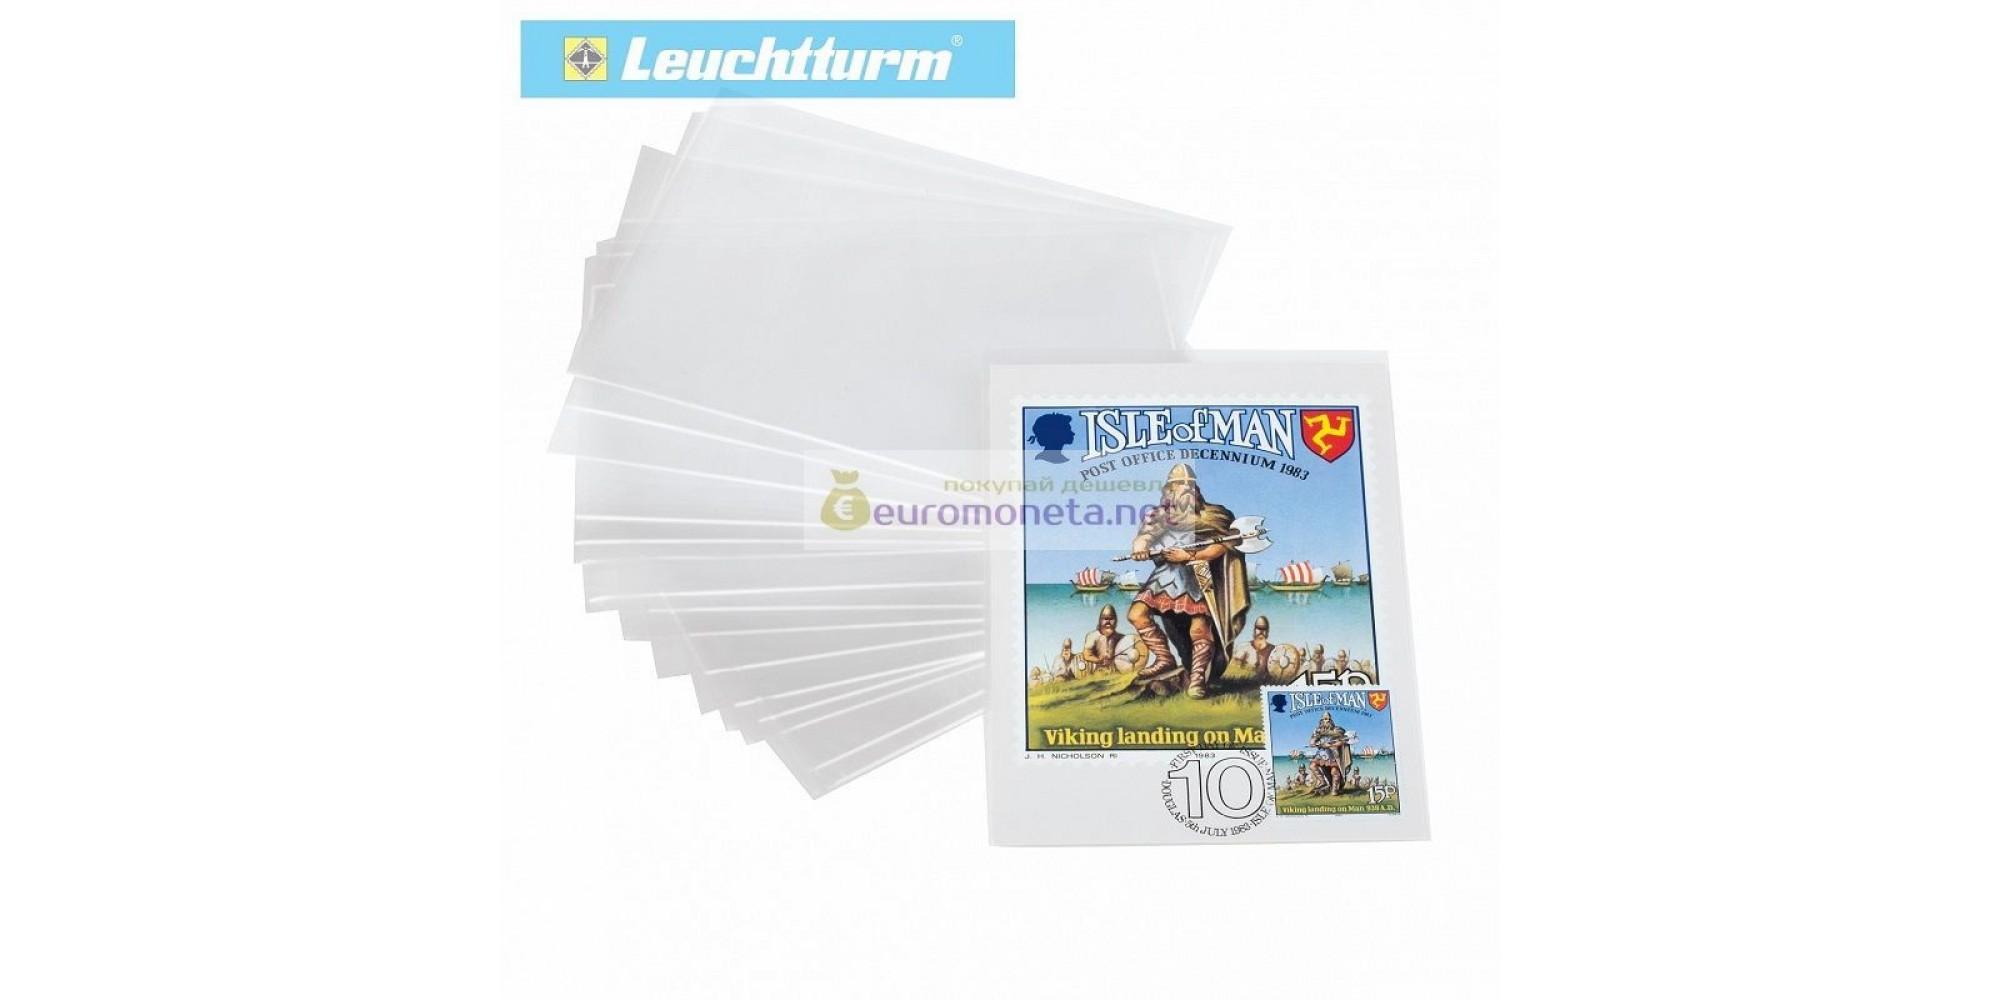 Защитный лист-обложка (холдер) для открыток, почтовых карточек, конвертов и прочего (150х107 мм). Упаковка 200 шт. Leuchtturm.